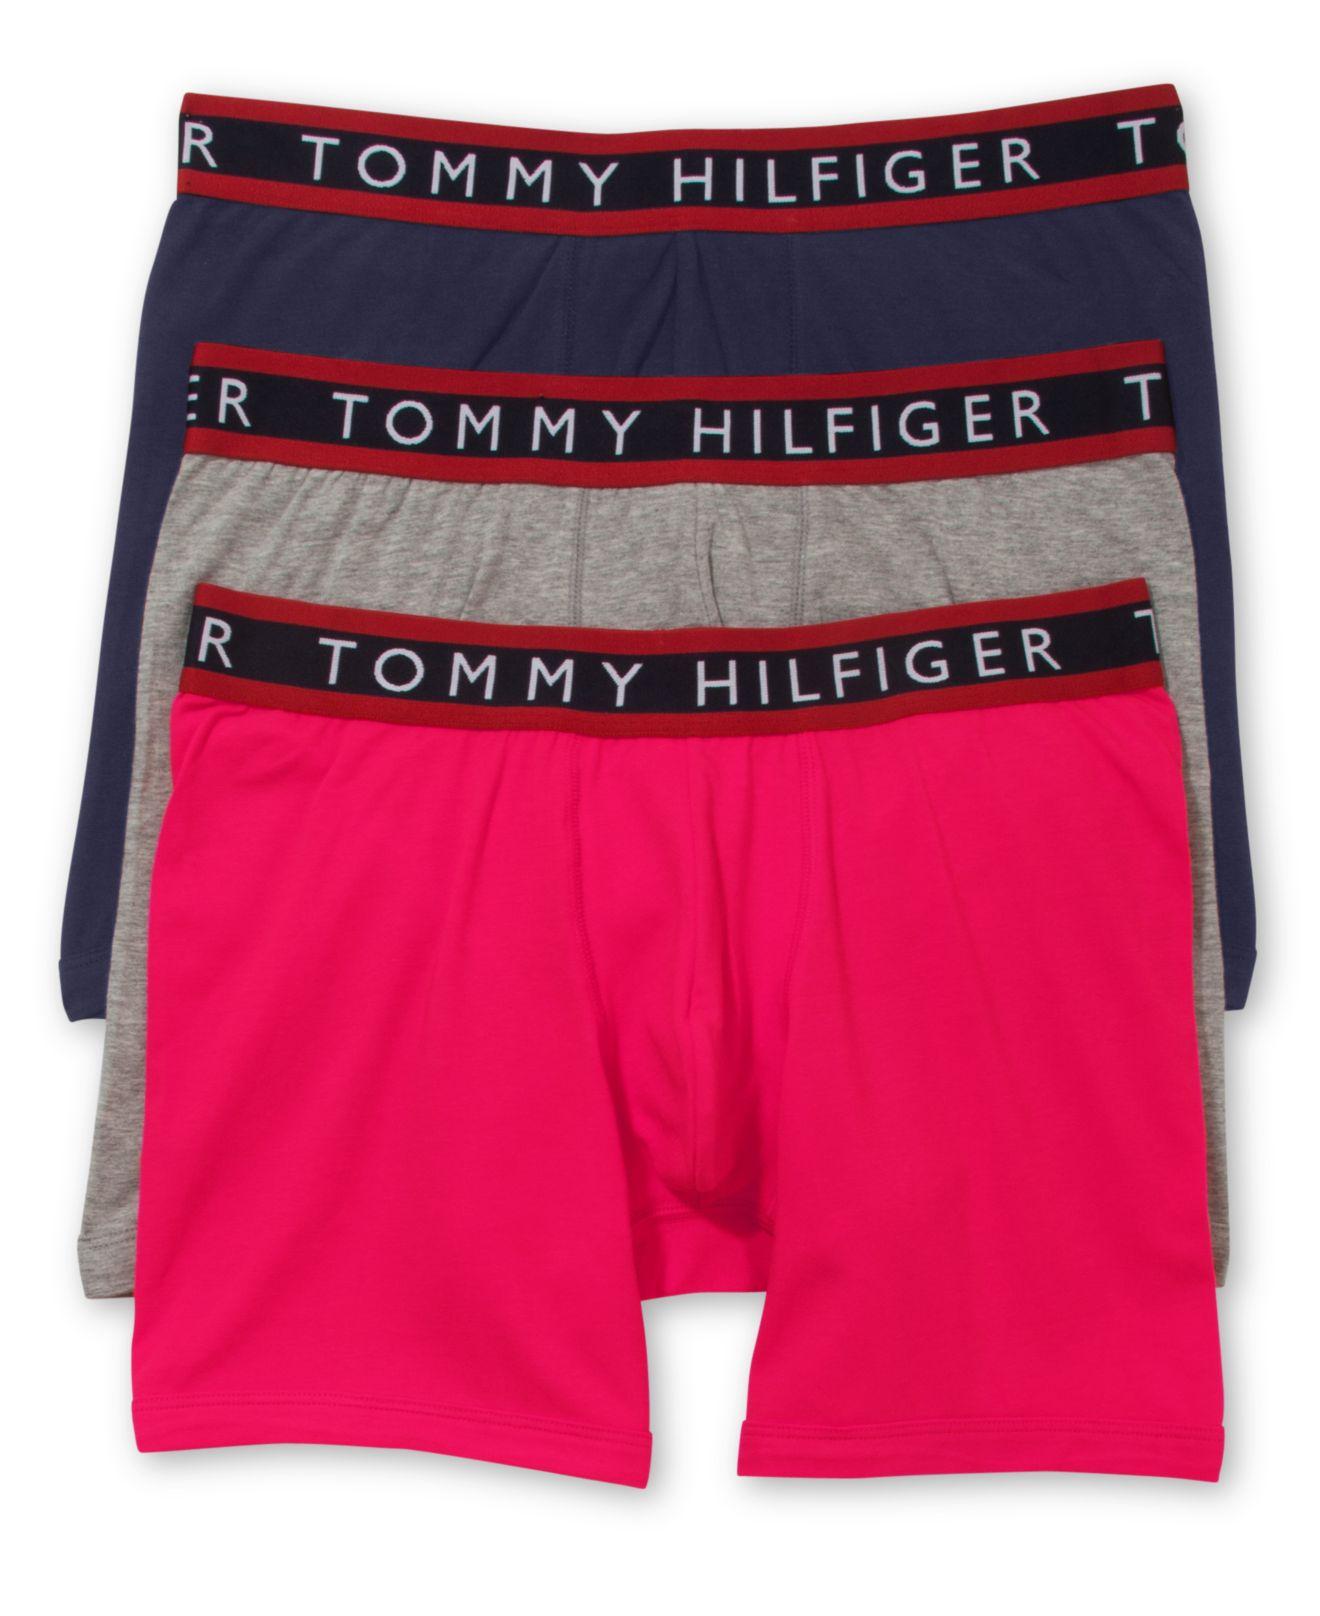 tommy hilfiger men 39 s stretch boxer briefs 3 pack in black for men lyst. Black Bedroom Furniture Sets. Home Design Ideas